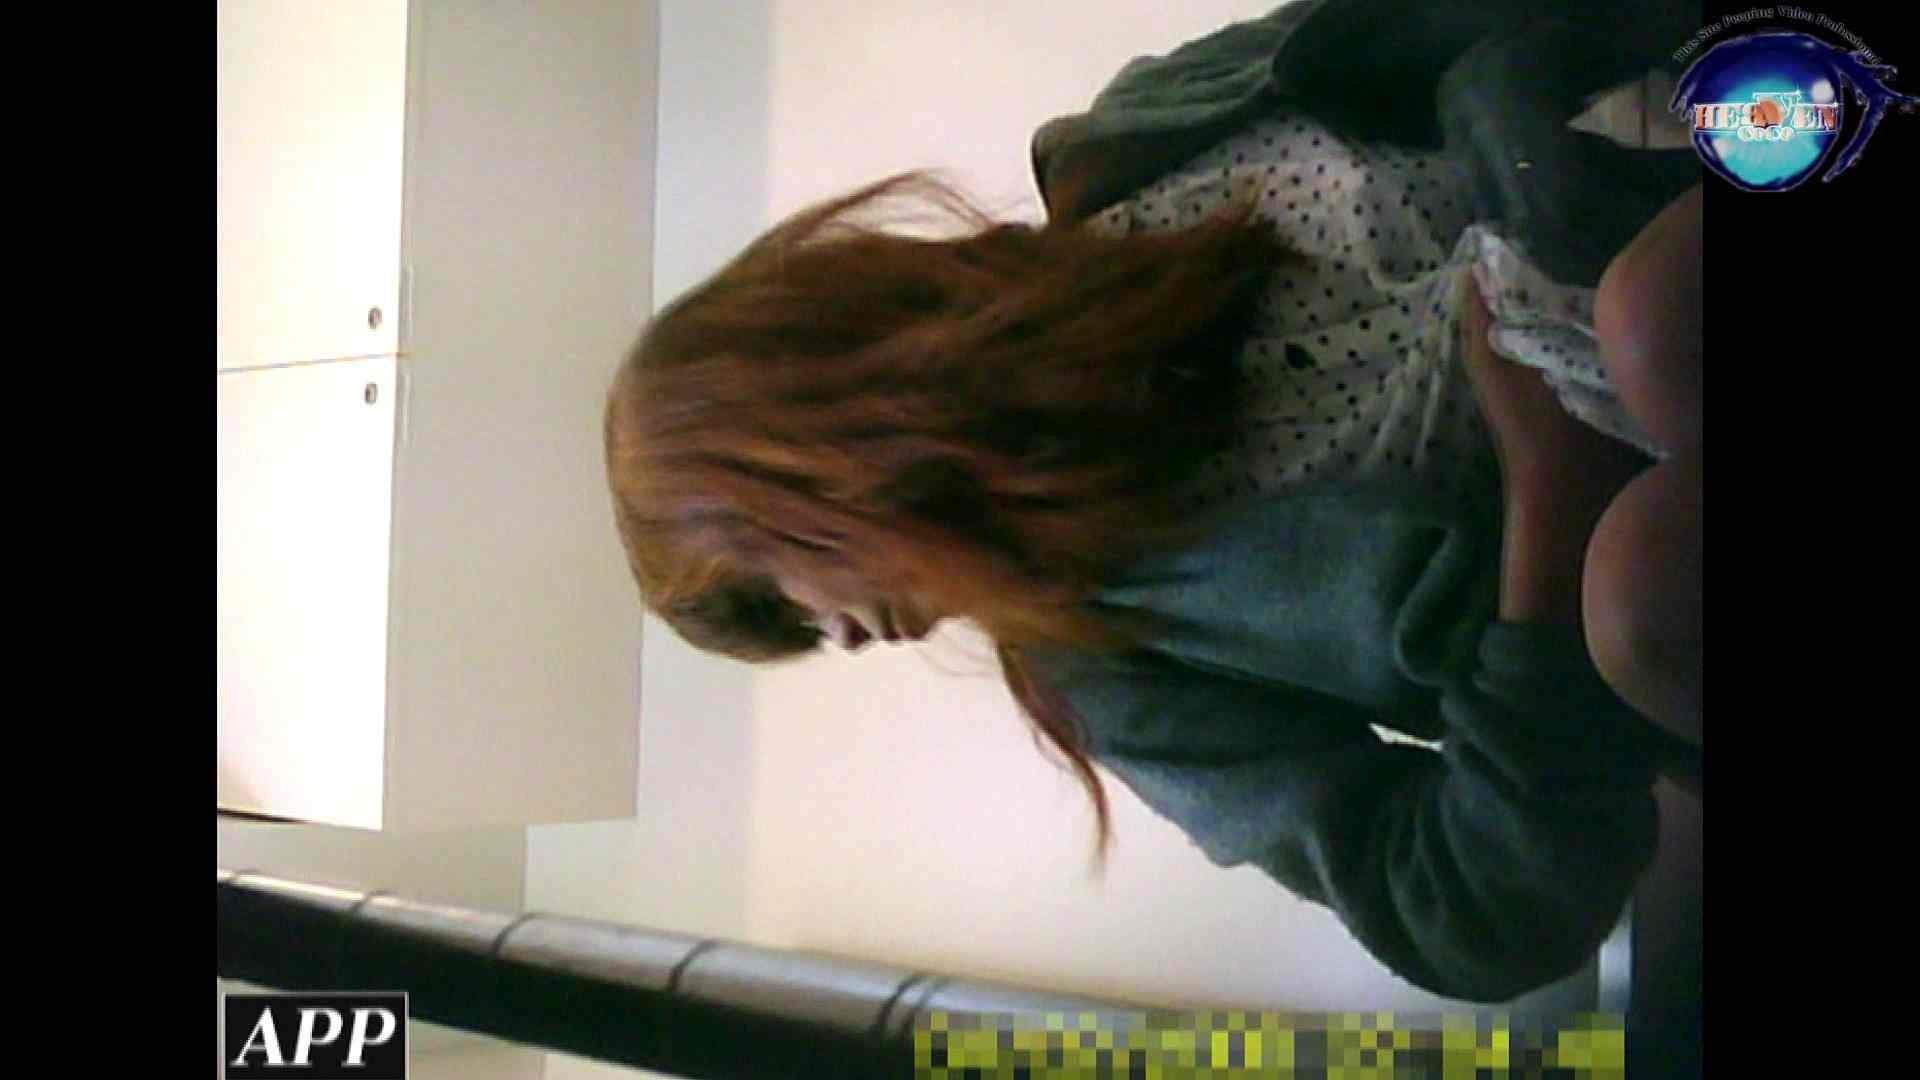 三つ目で盗撮 vol.16 マンコ・ムレムレ 盗み撮り動画キャプチャ 103pic 3